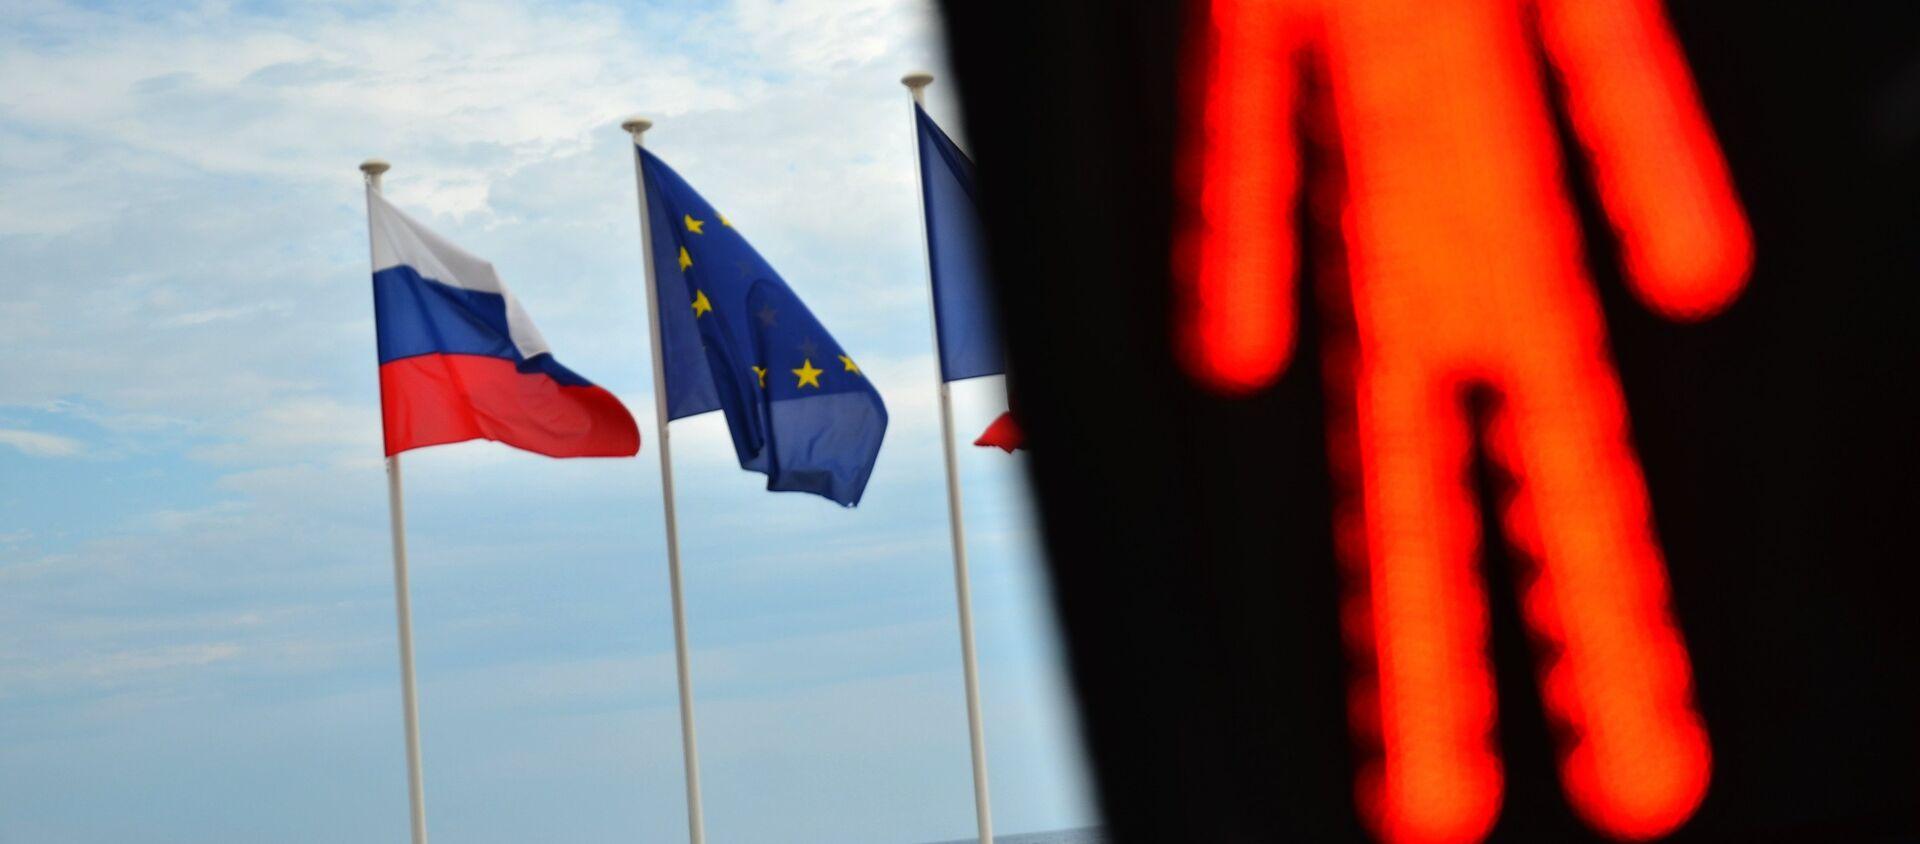 Флаги России, ЕС, Франции и герб Ниццы на набережной Ниццы - Sputnik Южная Осетия, 1920, 27.04.2021